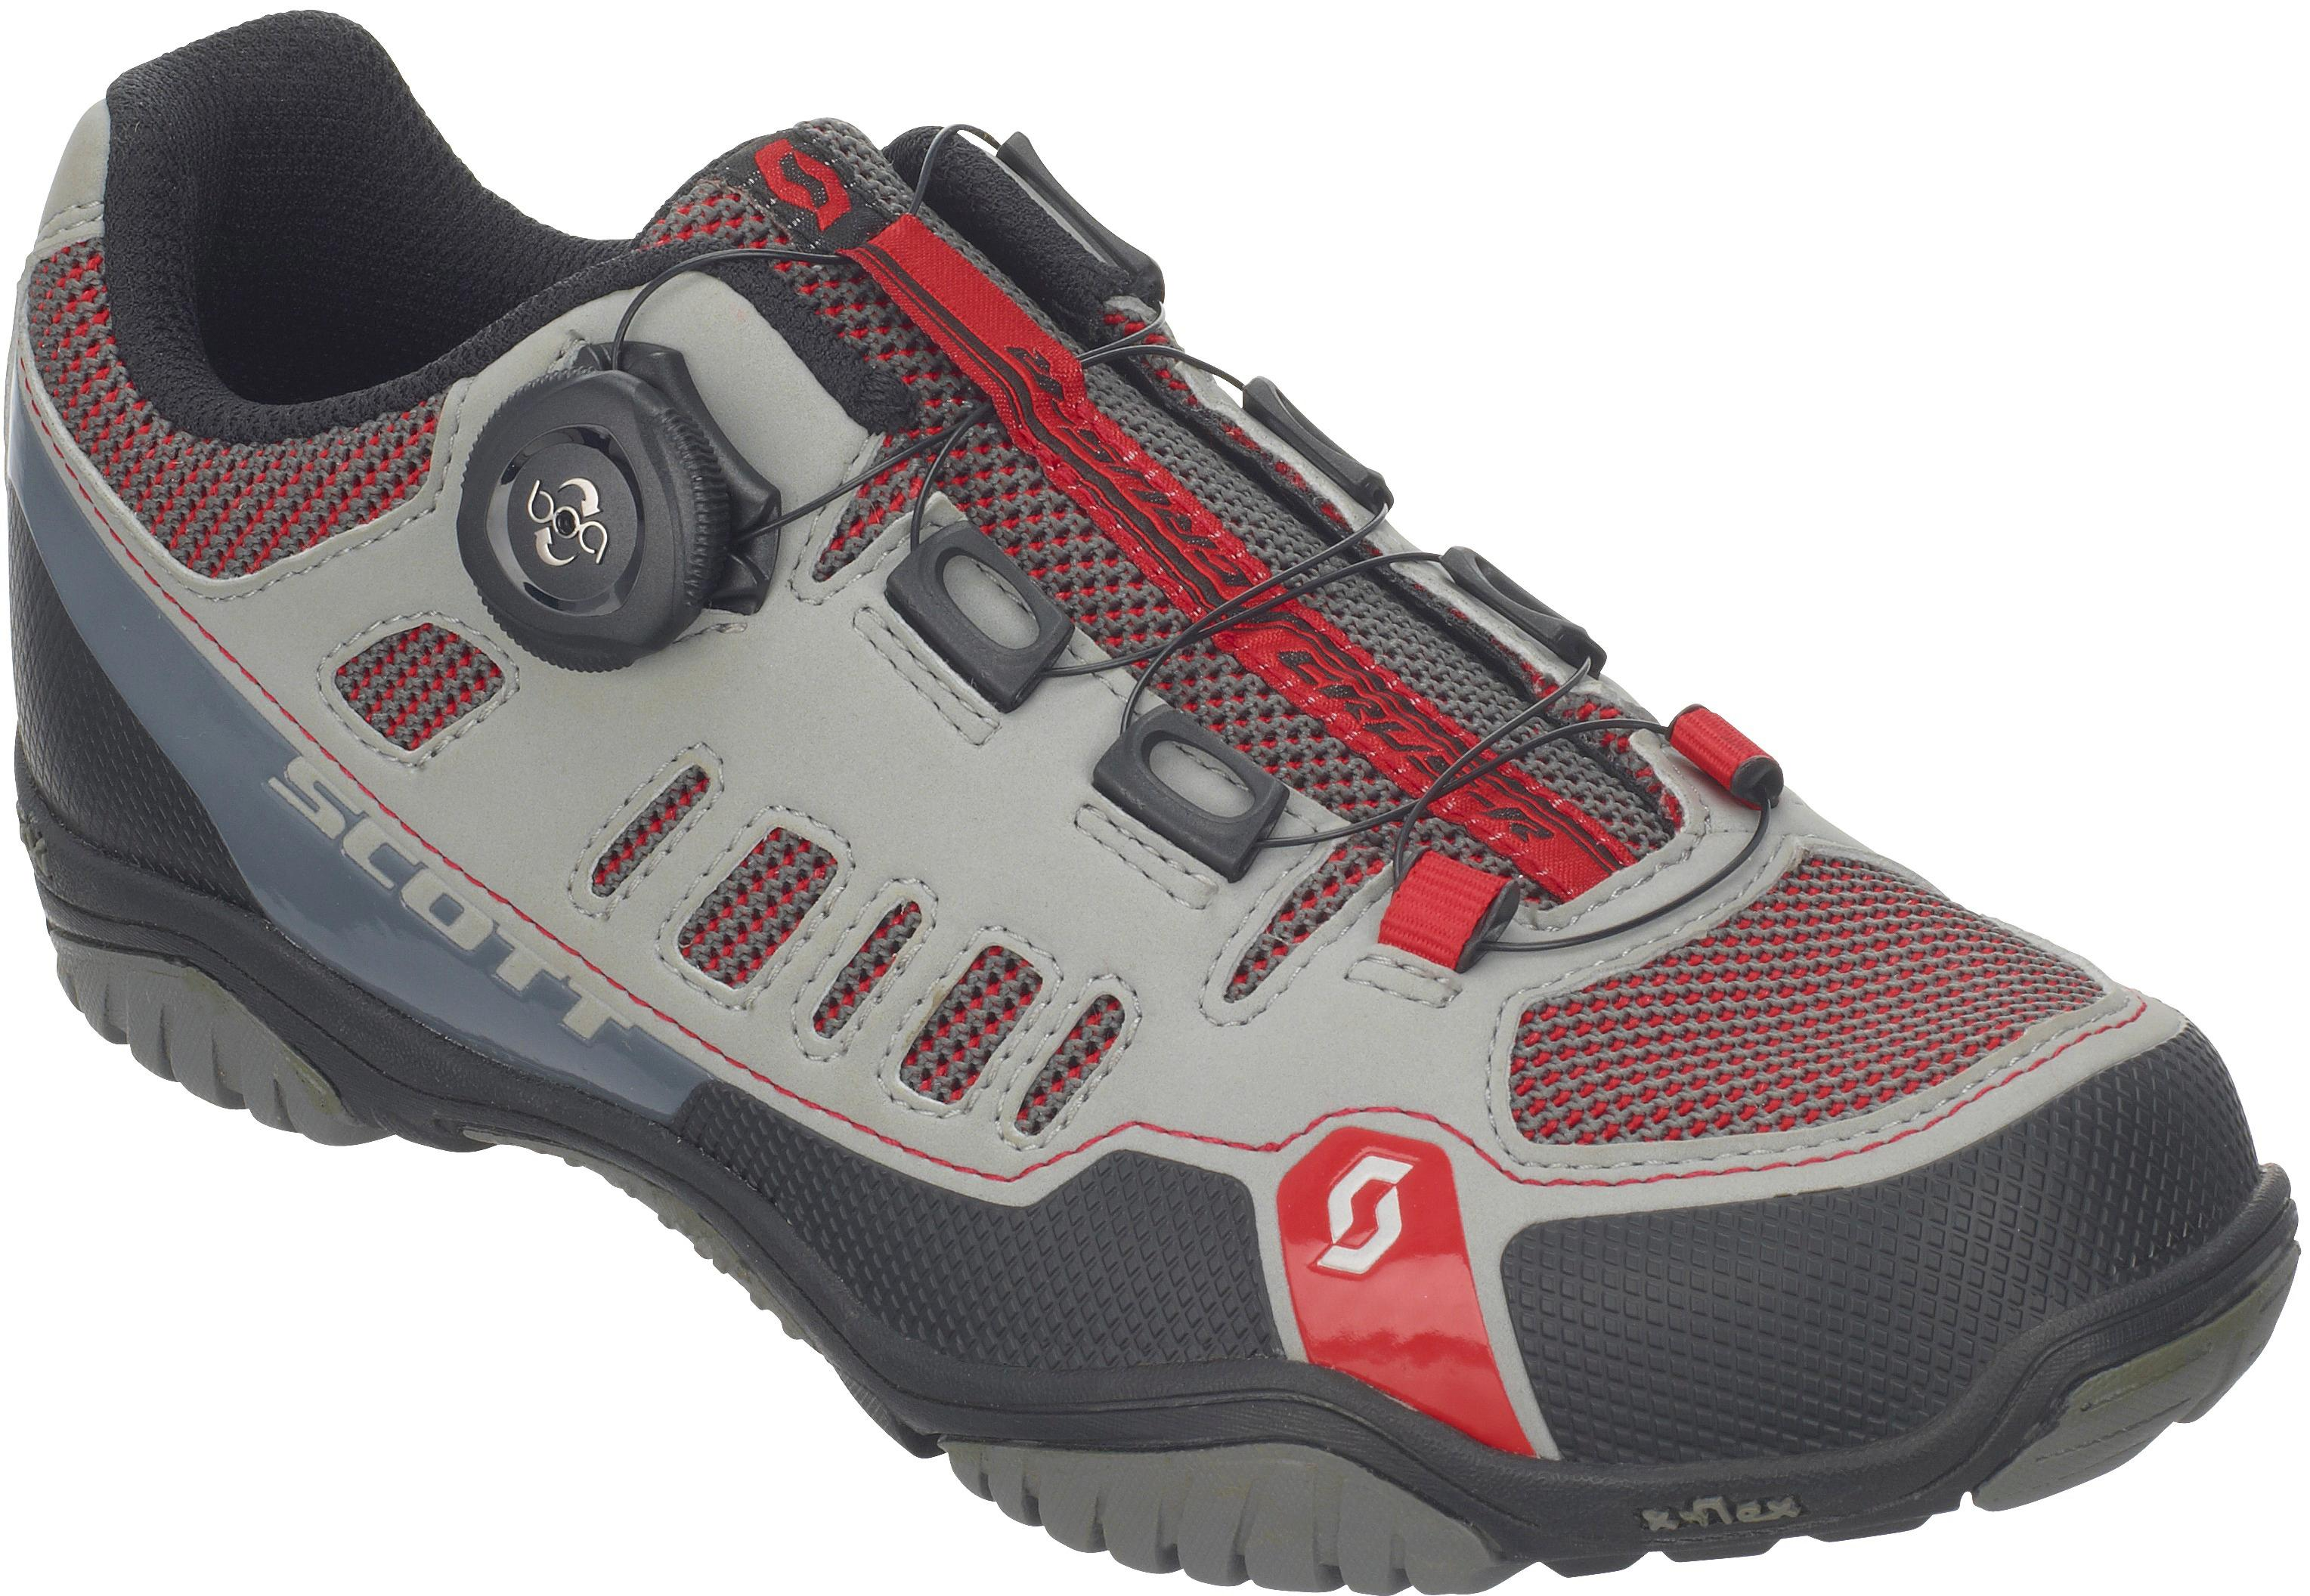 SCOTT Sport Crus-r Boa Fahrradschuhe Damen grau-rot im Online Shop von SportScheck kaufen Gute Qualität beliebte Schuhe